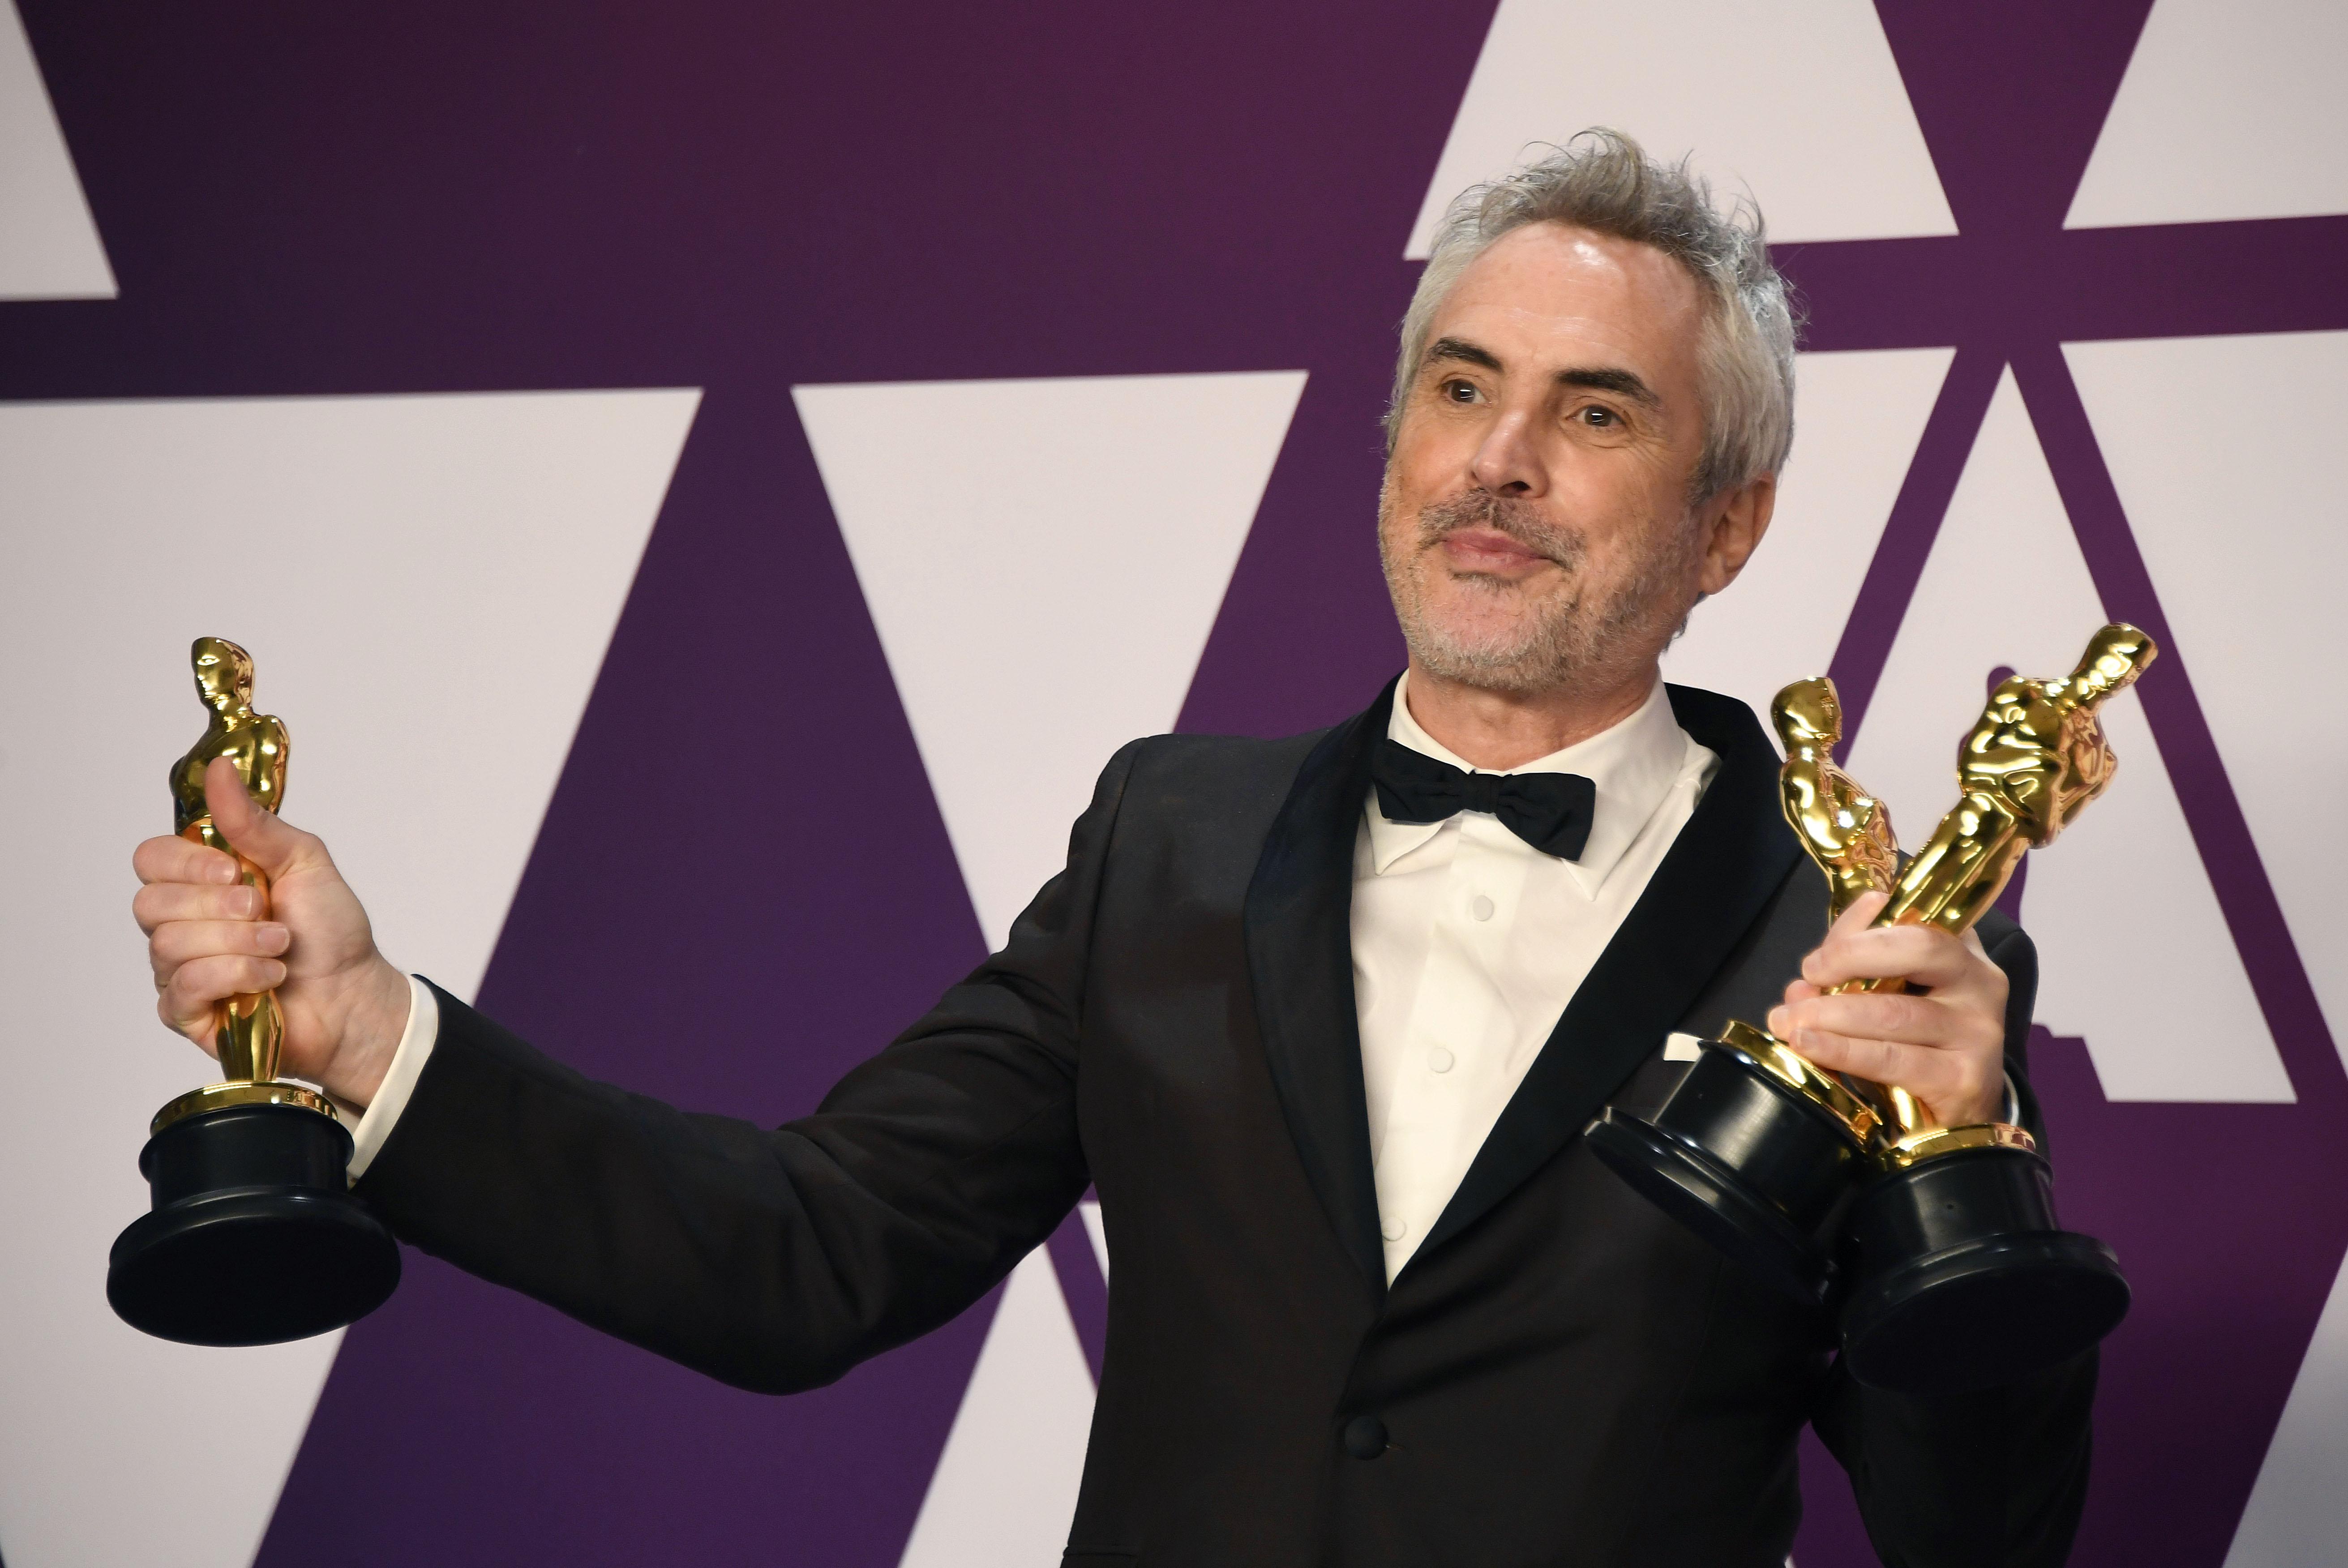 Alfonso Cuarón Made History at the 2019 Oscars